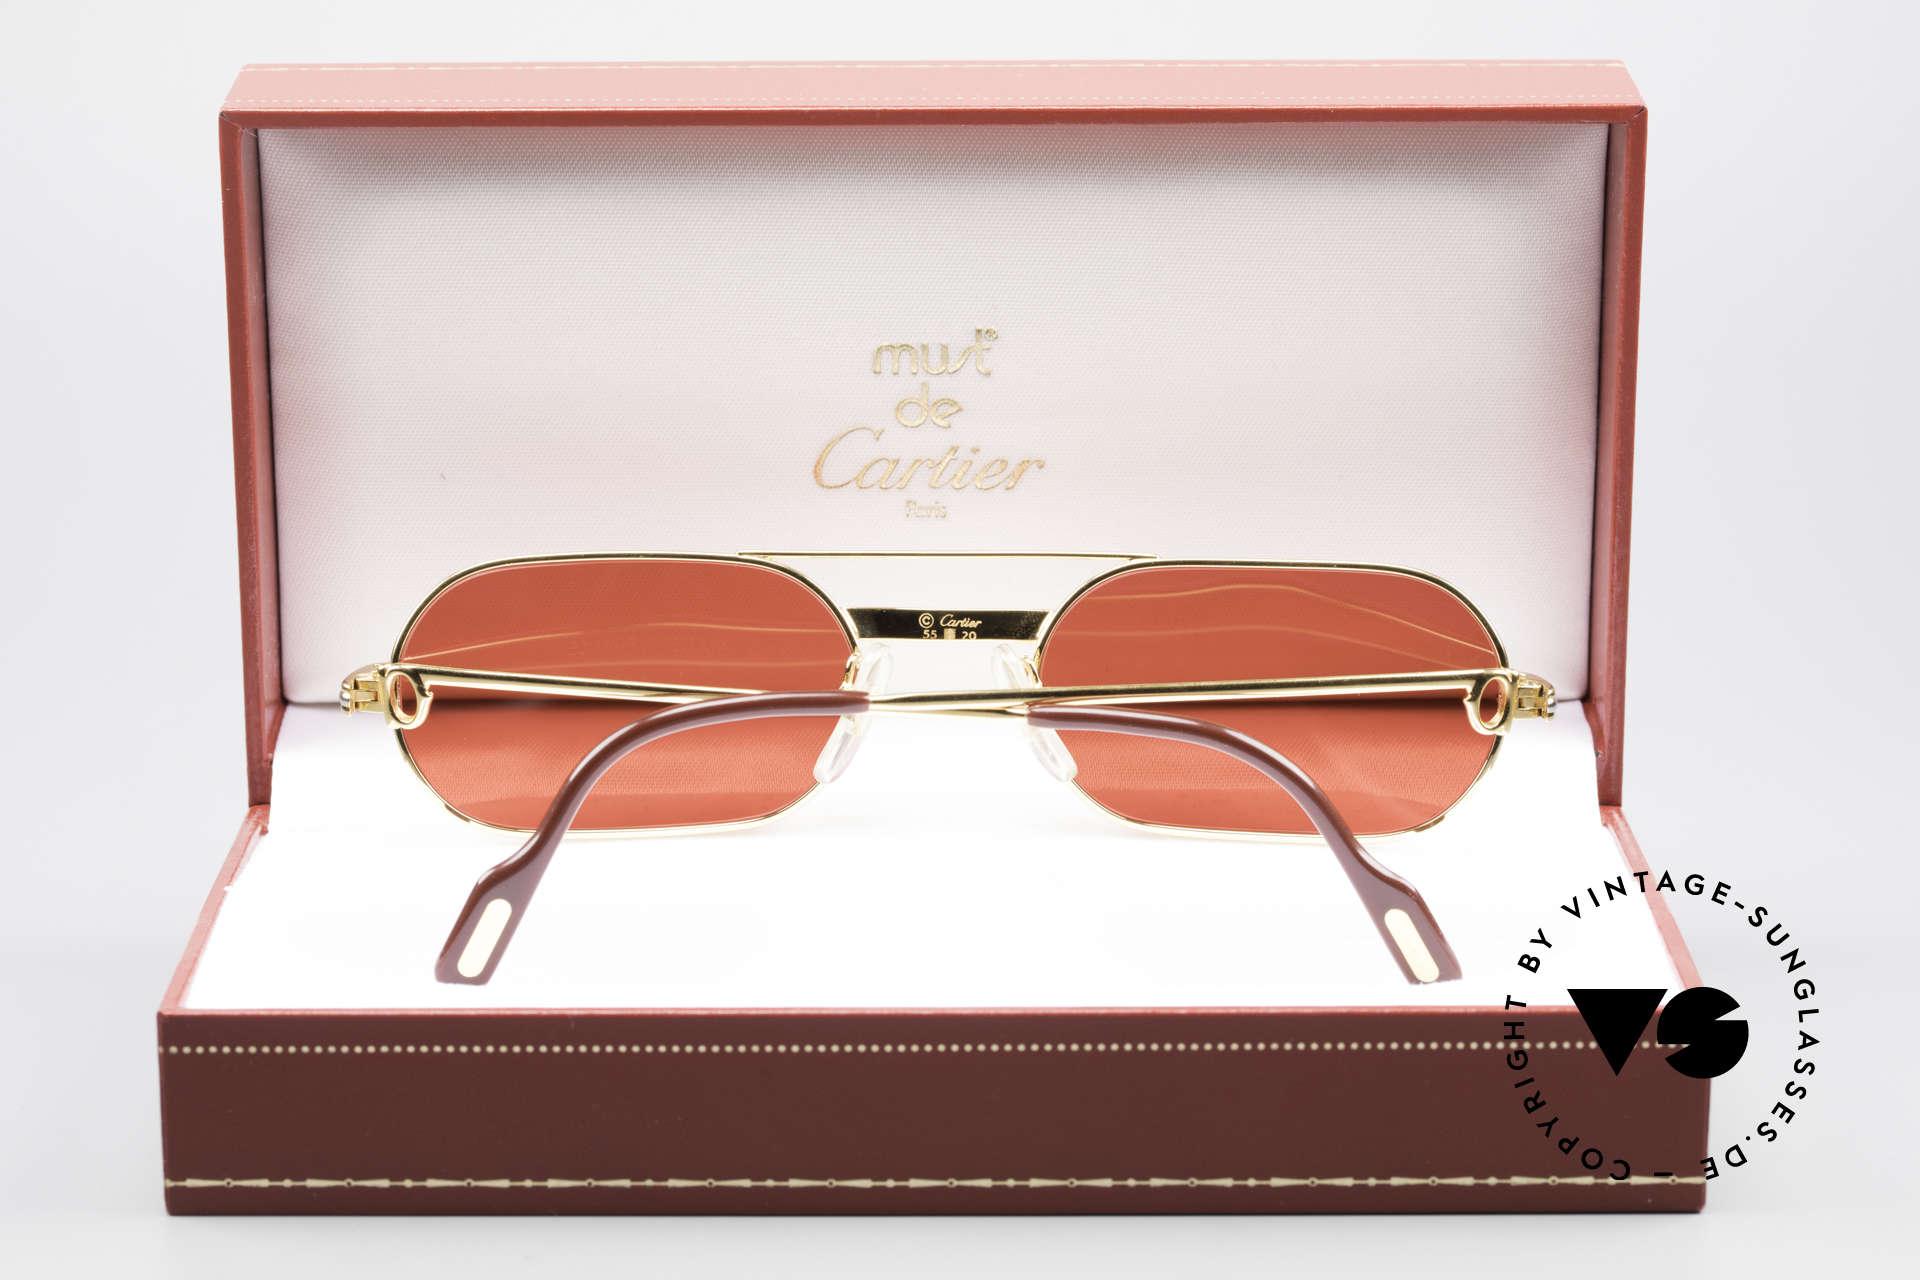 Cartier MUST LC - M 3D Rot Luxus Sonnenbrille, ungetragen mit OVP (in diesem Zustand sehr selten), Passend für Herren